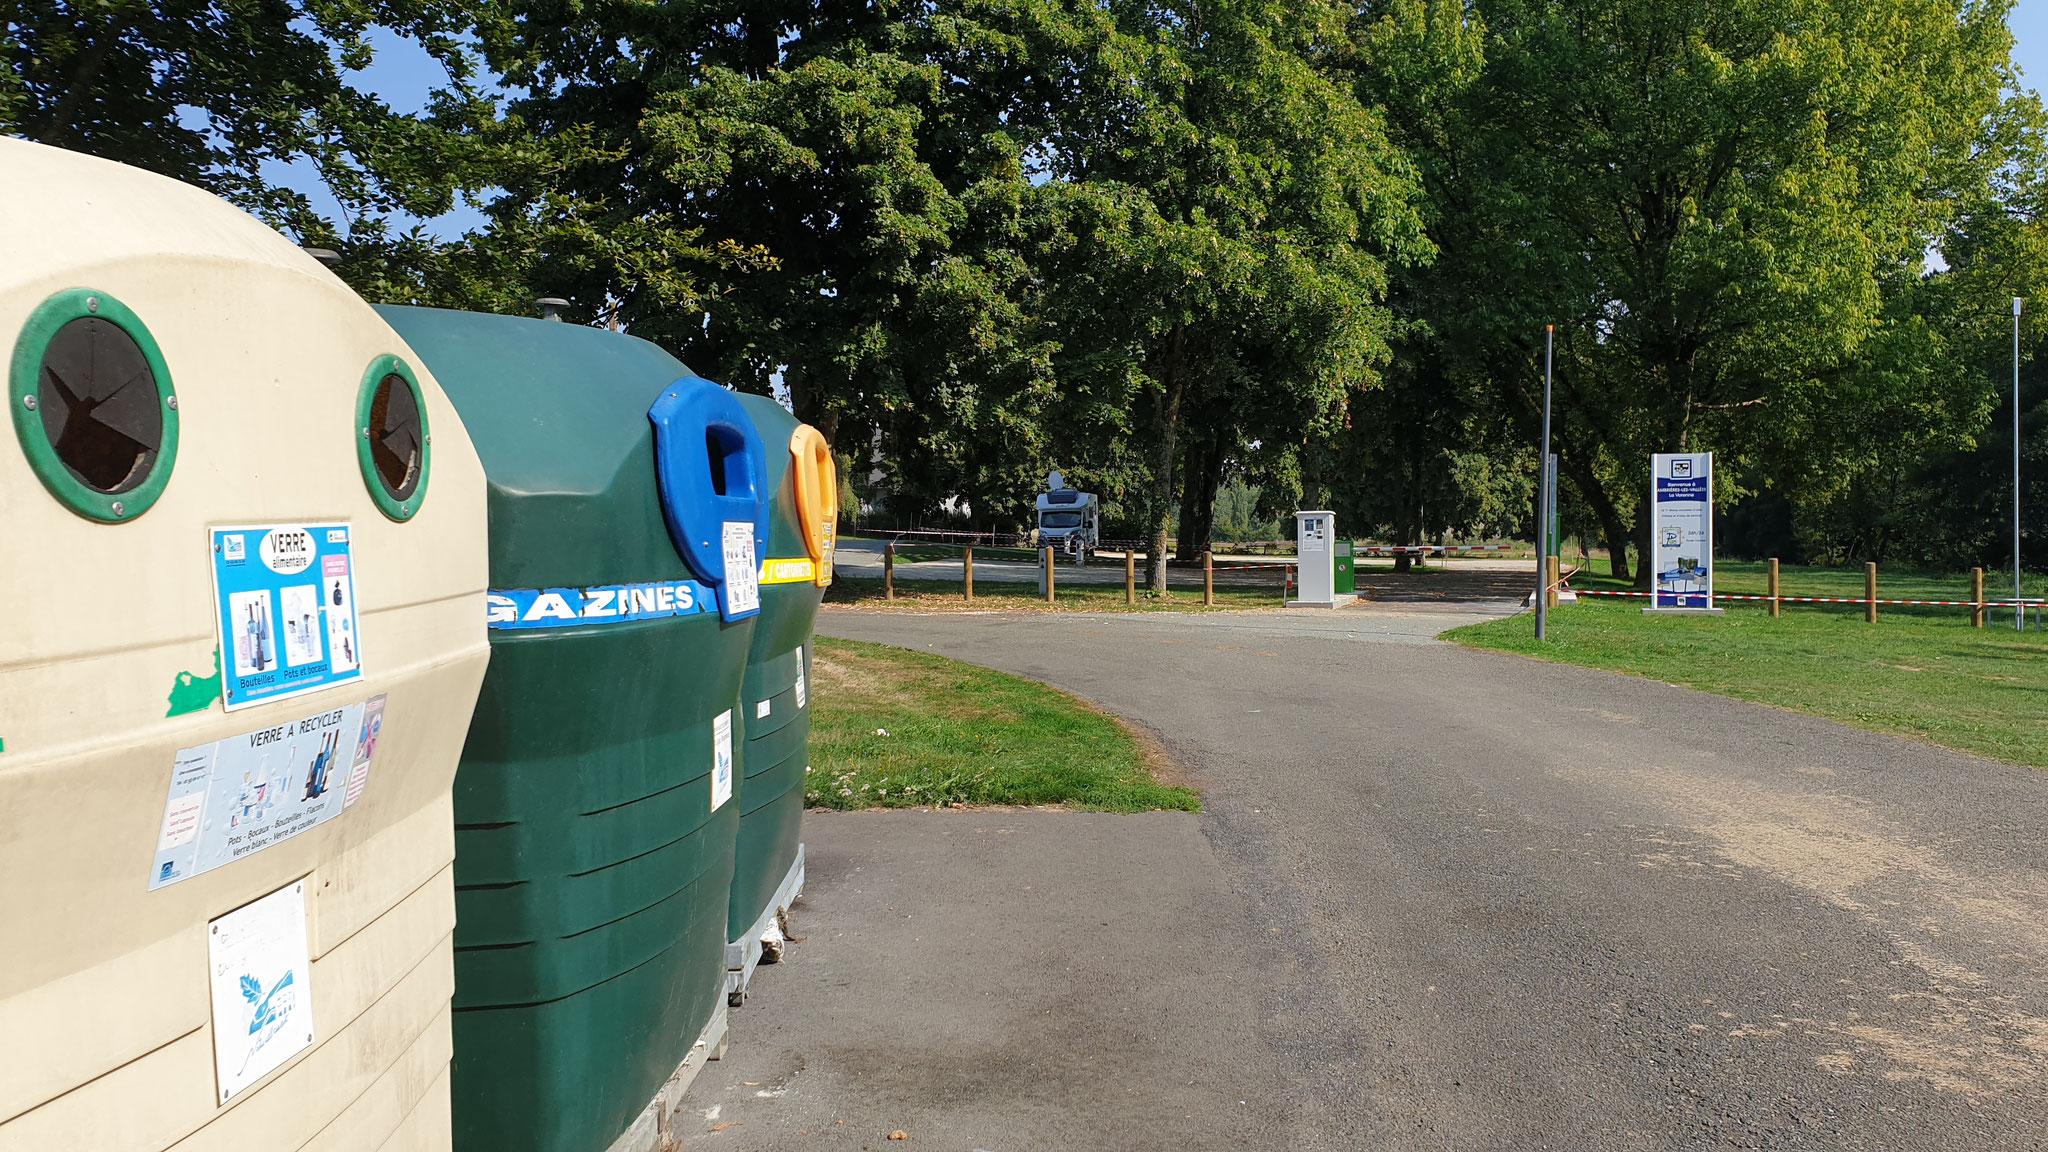 Müllentsorgung / Mülltrennung ist auch vorhanden